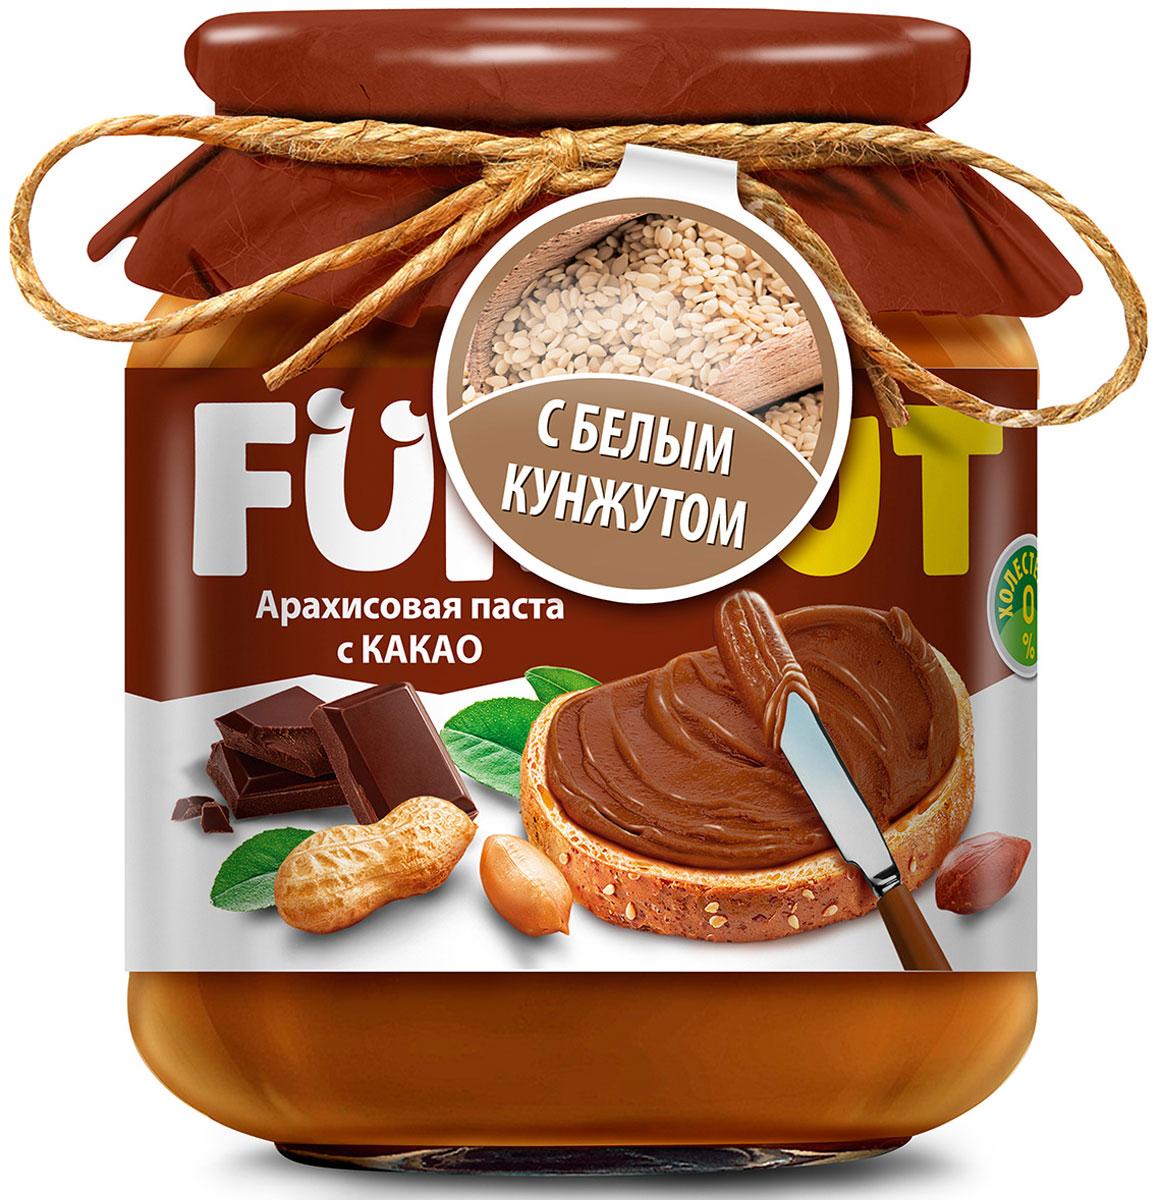 Funnat Арахисовая паста с какао с добавлением кунжута, 340 г0120710Арахисовая паста Funnat давно и широко распространена в США и вВеликобритании. Эта ореховая паста приготовлена из поджаренного арахиса, нежной текстуры. Благодаря содержанию легкоусвояемых белков и жиров, арахисовая паста может конкурировать по питательности с продуктами животного происхождения. Она сытная и полезная, и в тое время препятствует перееданию.